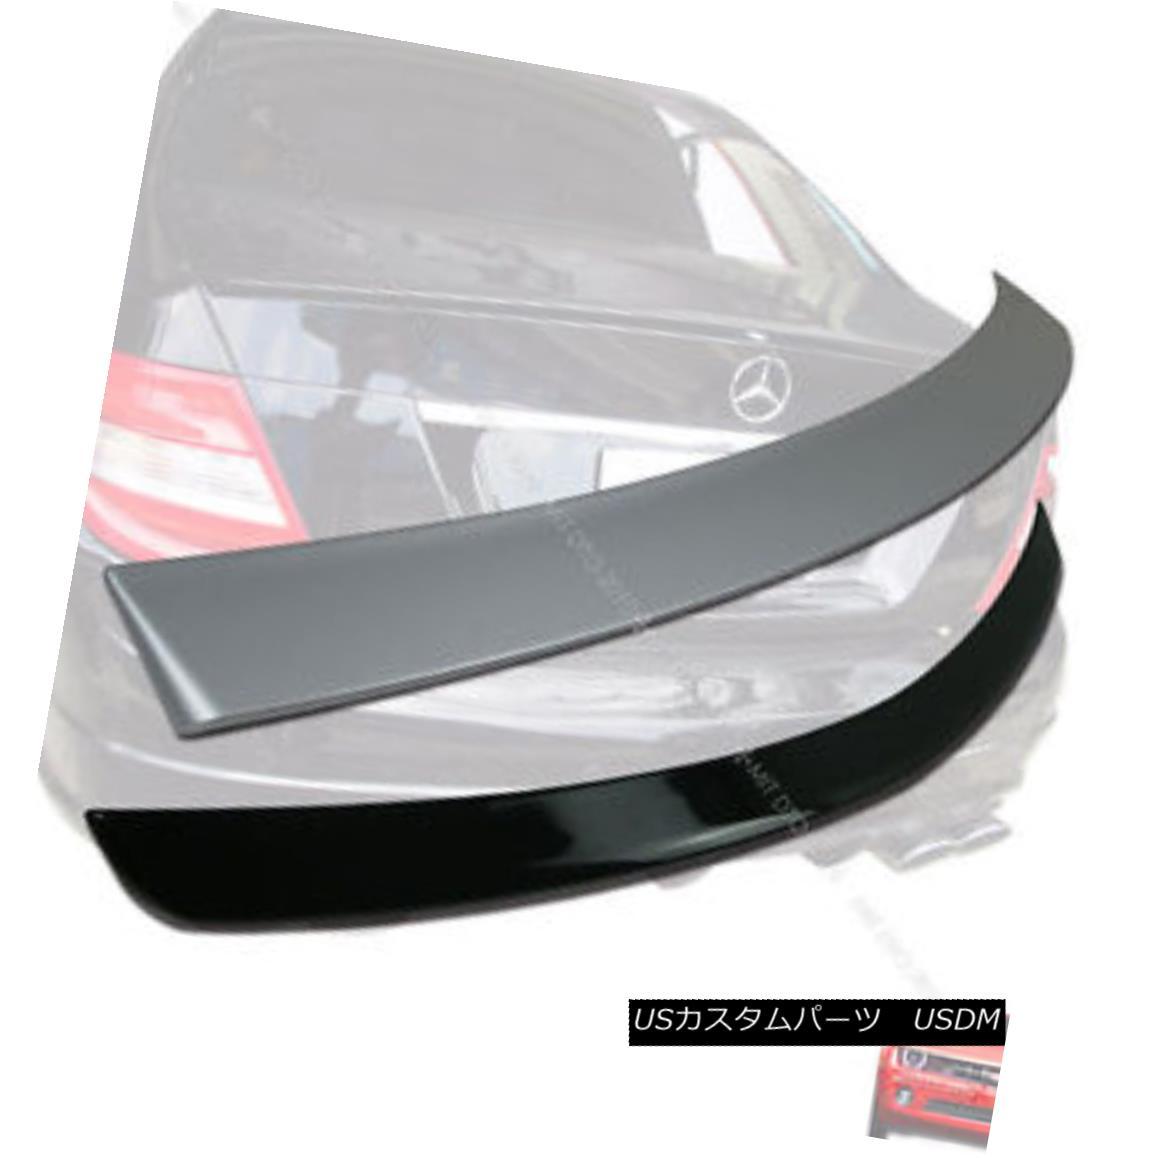 エアロパーツ Painted Mercedes BENZ W204 OE type C Class Roof Spoiler & Trunk Spoiler 08-13 § 塗装されたメルセデスBENZ W204 OEタイプCクラスルーフスポイラー& トランク・スポイラー08-13